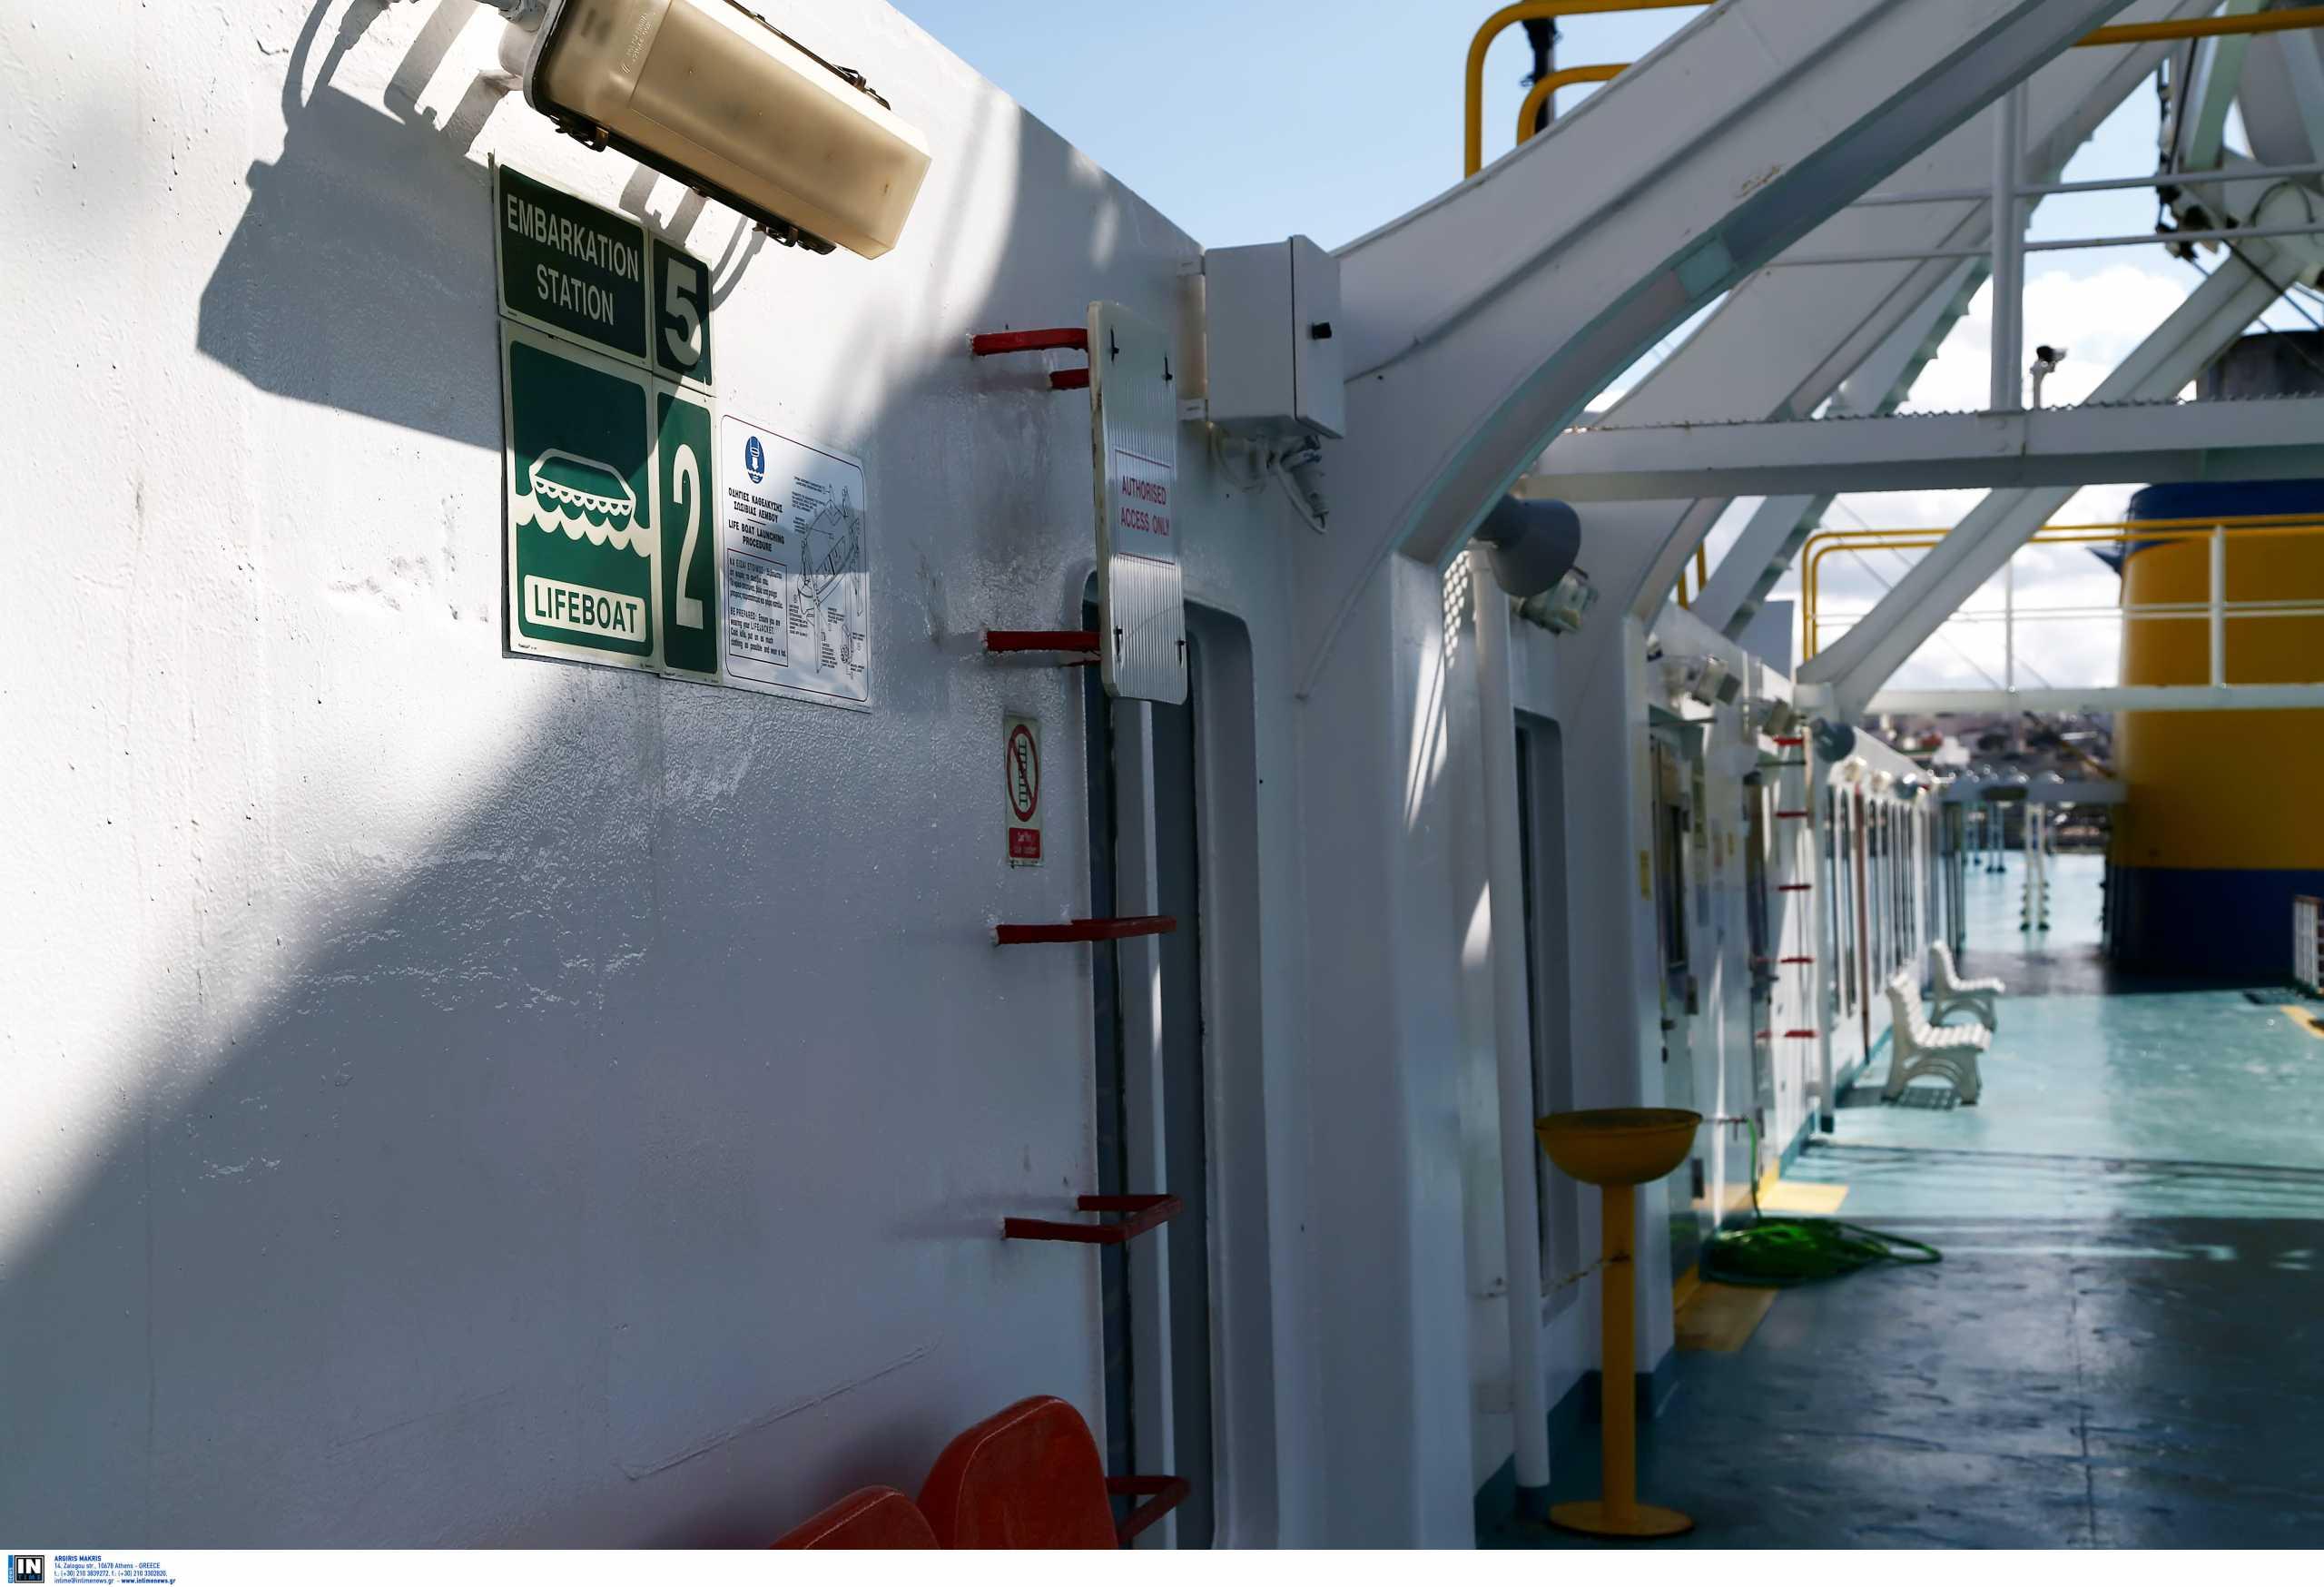 Κρήτη: Βλάβη μεσοπέλαγα σε πλοίο που εκτελούσε το δρομολόγιο από Σαντορίνη για Ηράκλειο